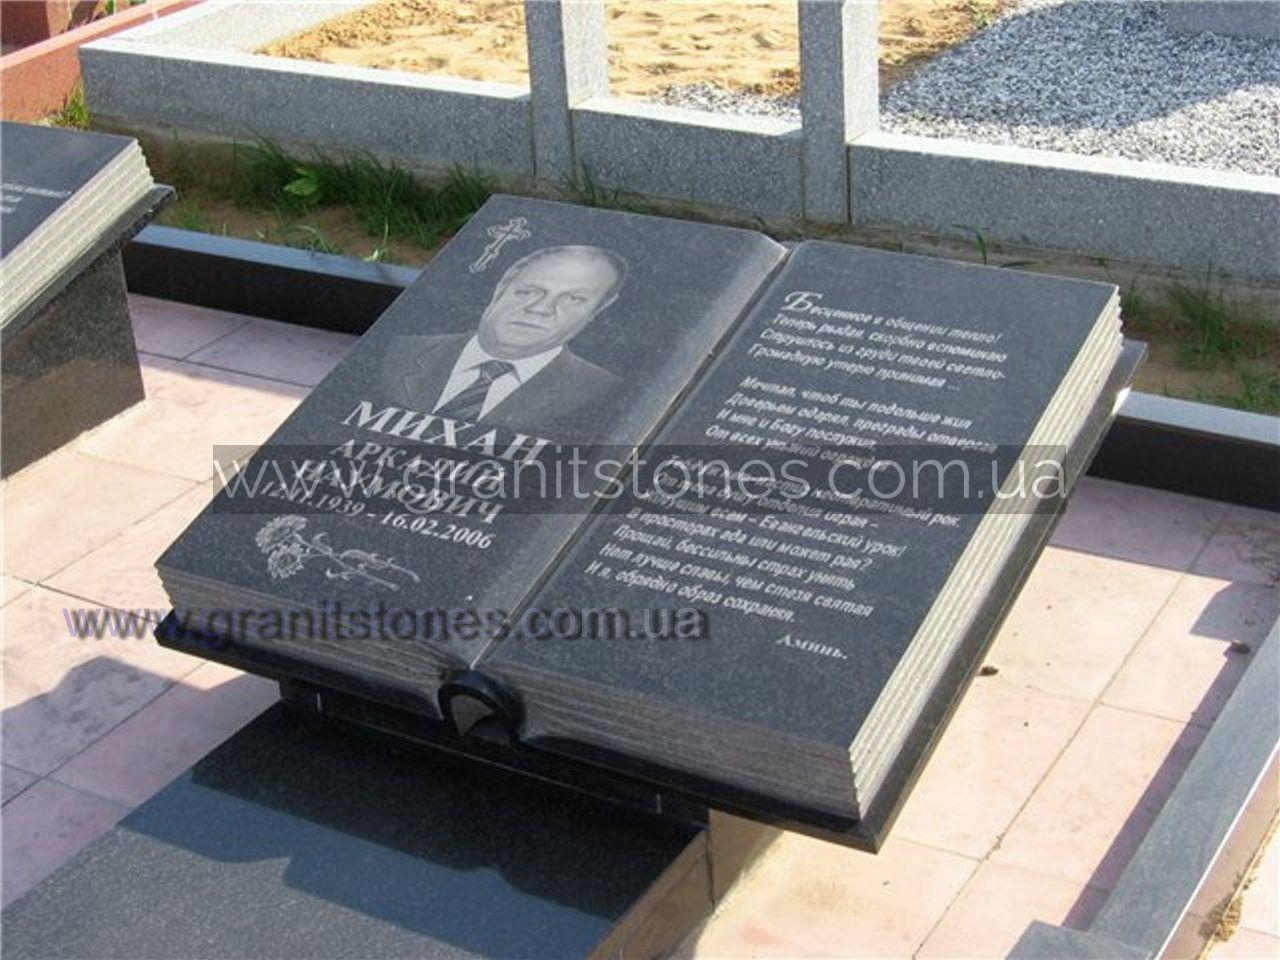 Памятник в виде книги цены на памятники киров новосибирске